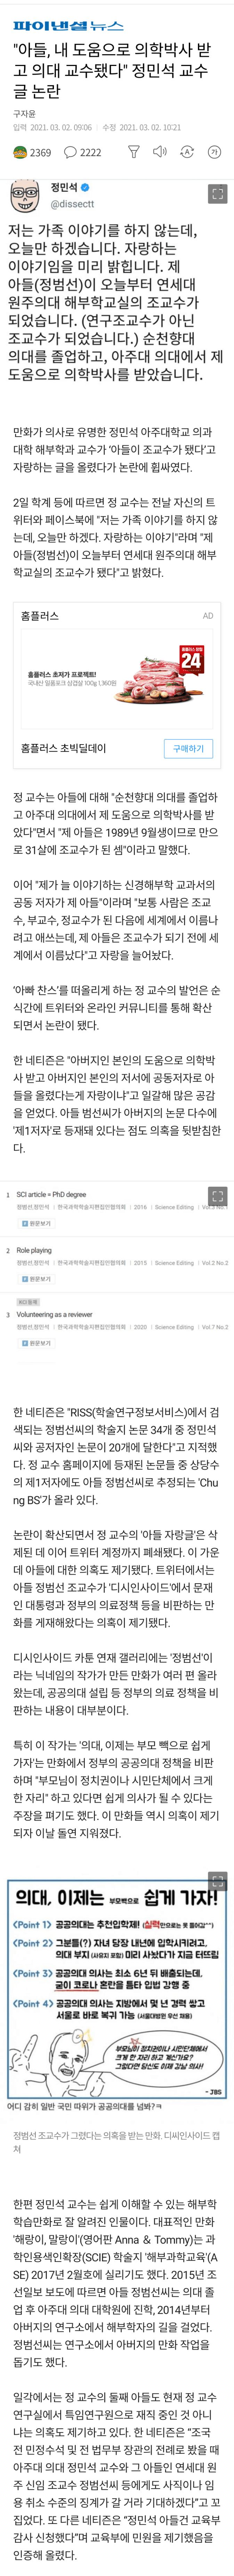 viewimage.php?id=29afd12be4ed36a379ec&no=24b0d769e1d32ca73fec83fa11d02831682d835f2980fd236d5e1c9c2b1cdaba662203b5c32f932c649207ac9f6433ee494ad09b17567f1e6e7d9c858c9bde227a054350afa545f6c37def38682feafcc308dacd5e67618ce963e648779871154729c62cfabad2972e